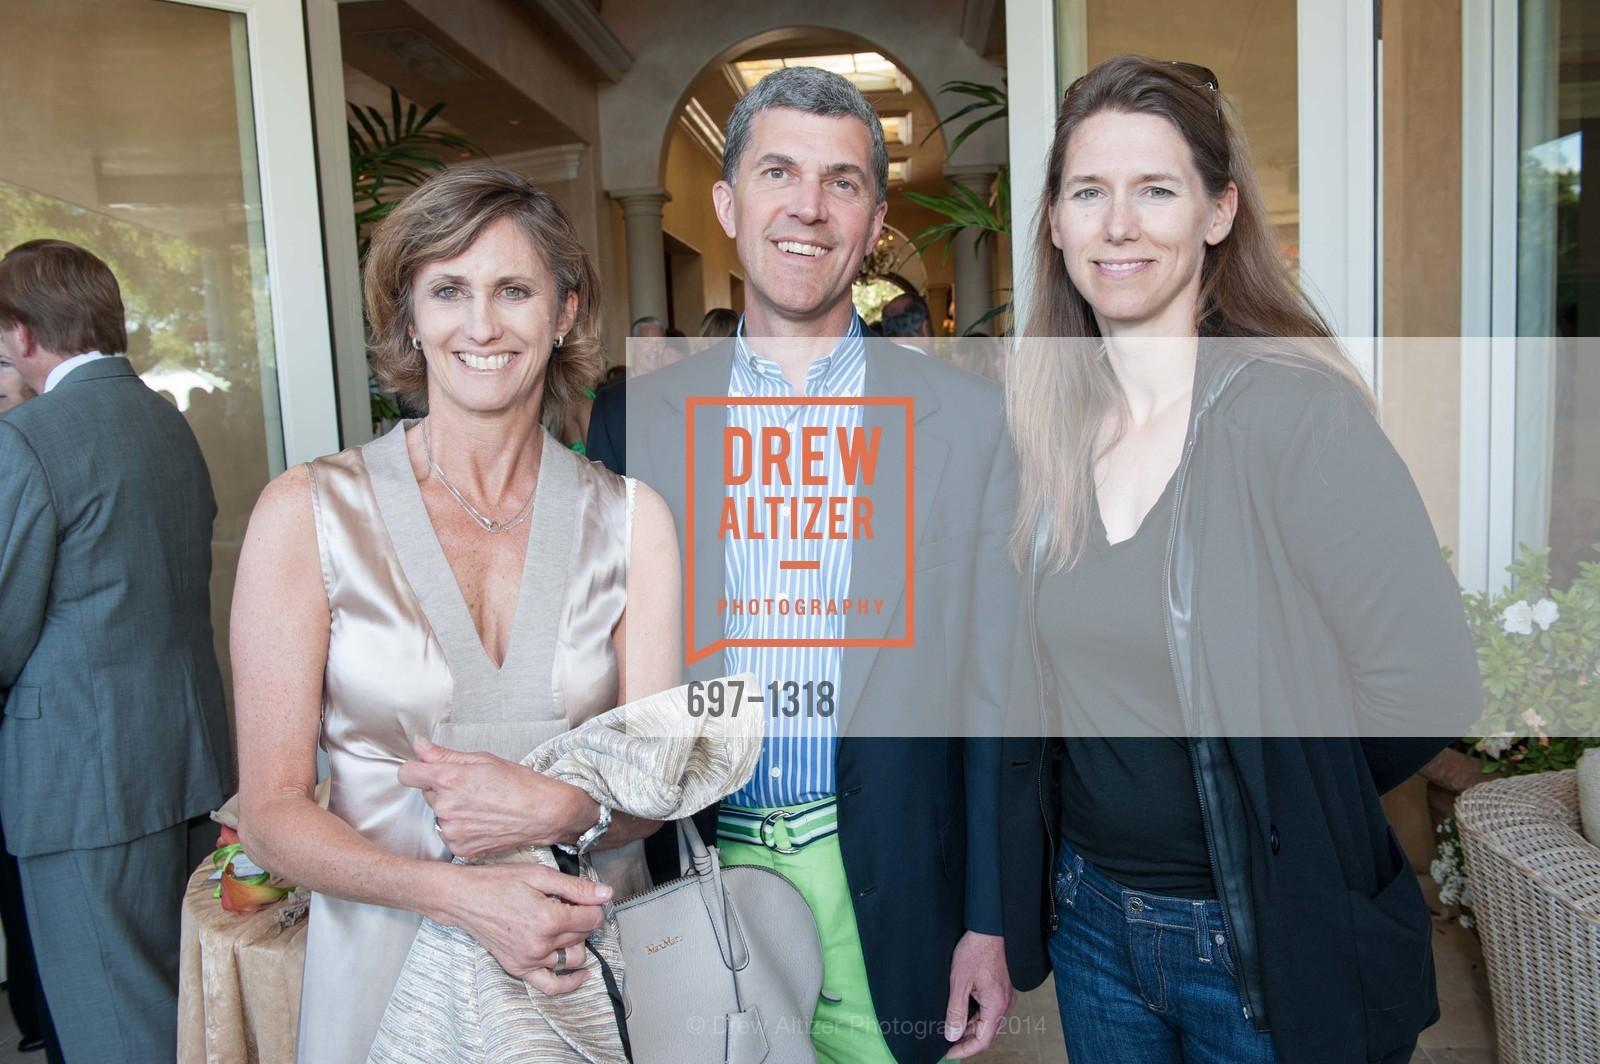 Sheri Sobrato Brisson, Rich Redelfs, Andre ABassallo, Bay Area Lyme Foundation's LymeAid 2014, 884 Portola Road, Suite A7. Portola Valley, CA 94028, April 27th, 2014